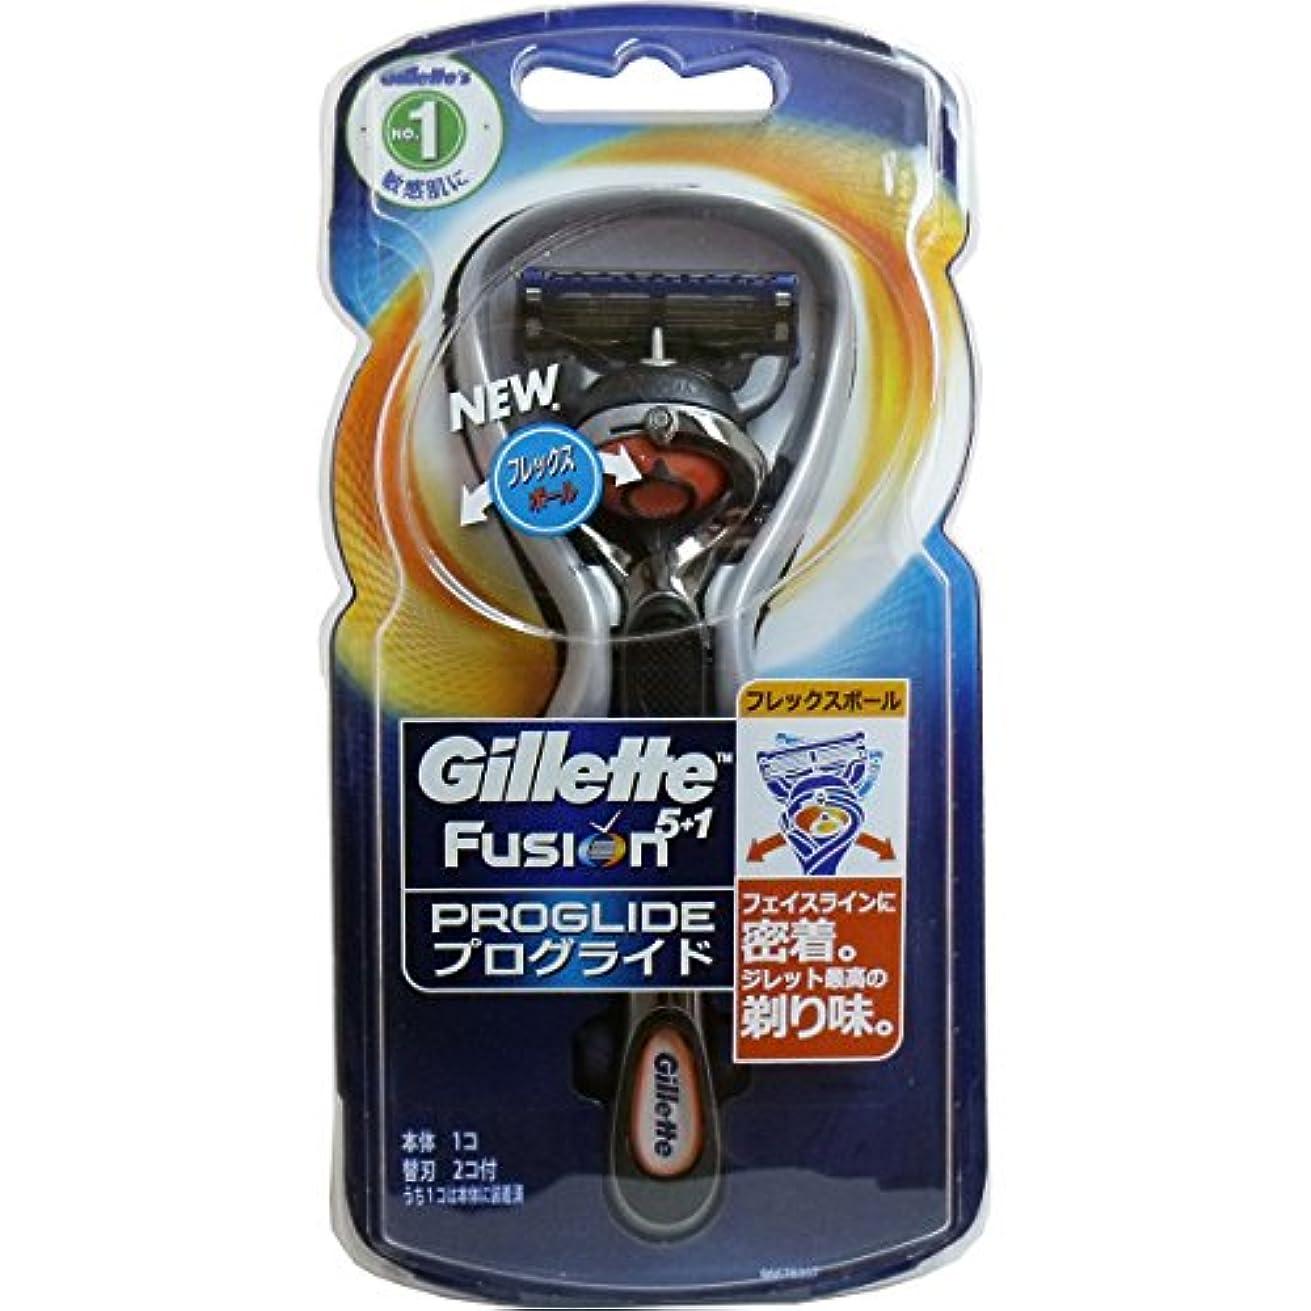 区別する出します錫【P&G】ジレット プログライド フレックスボール マニュアル ホルダー 替刃2個付 ×5個セット